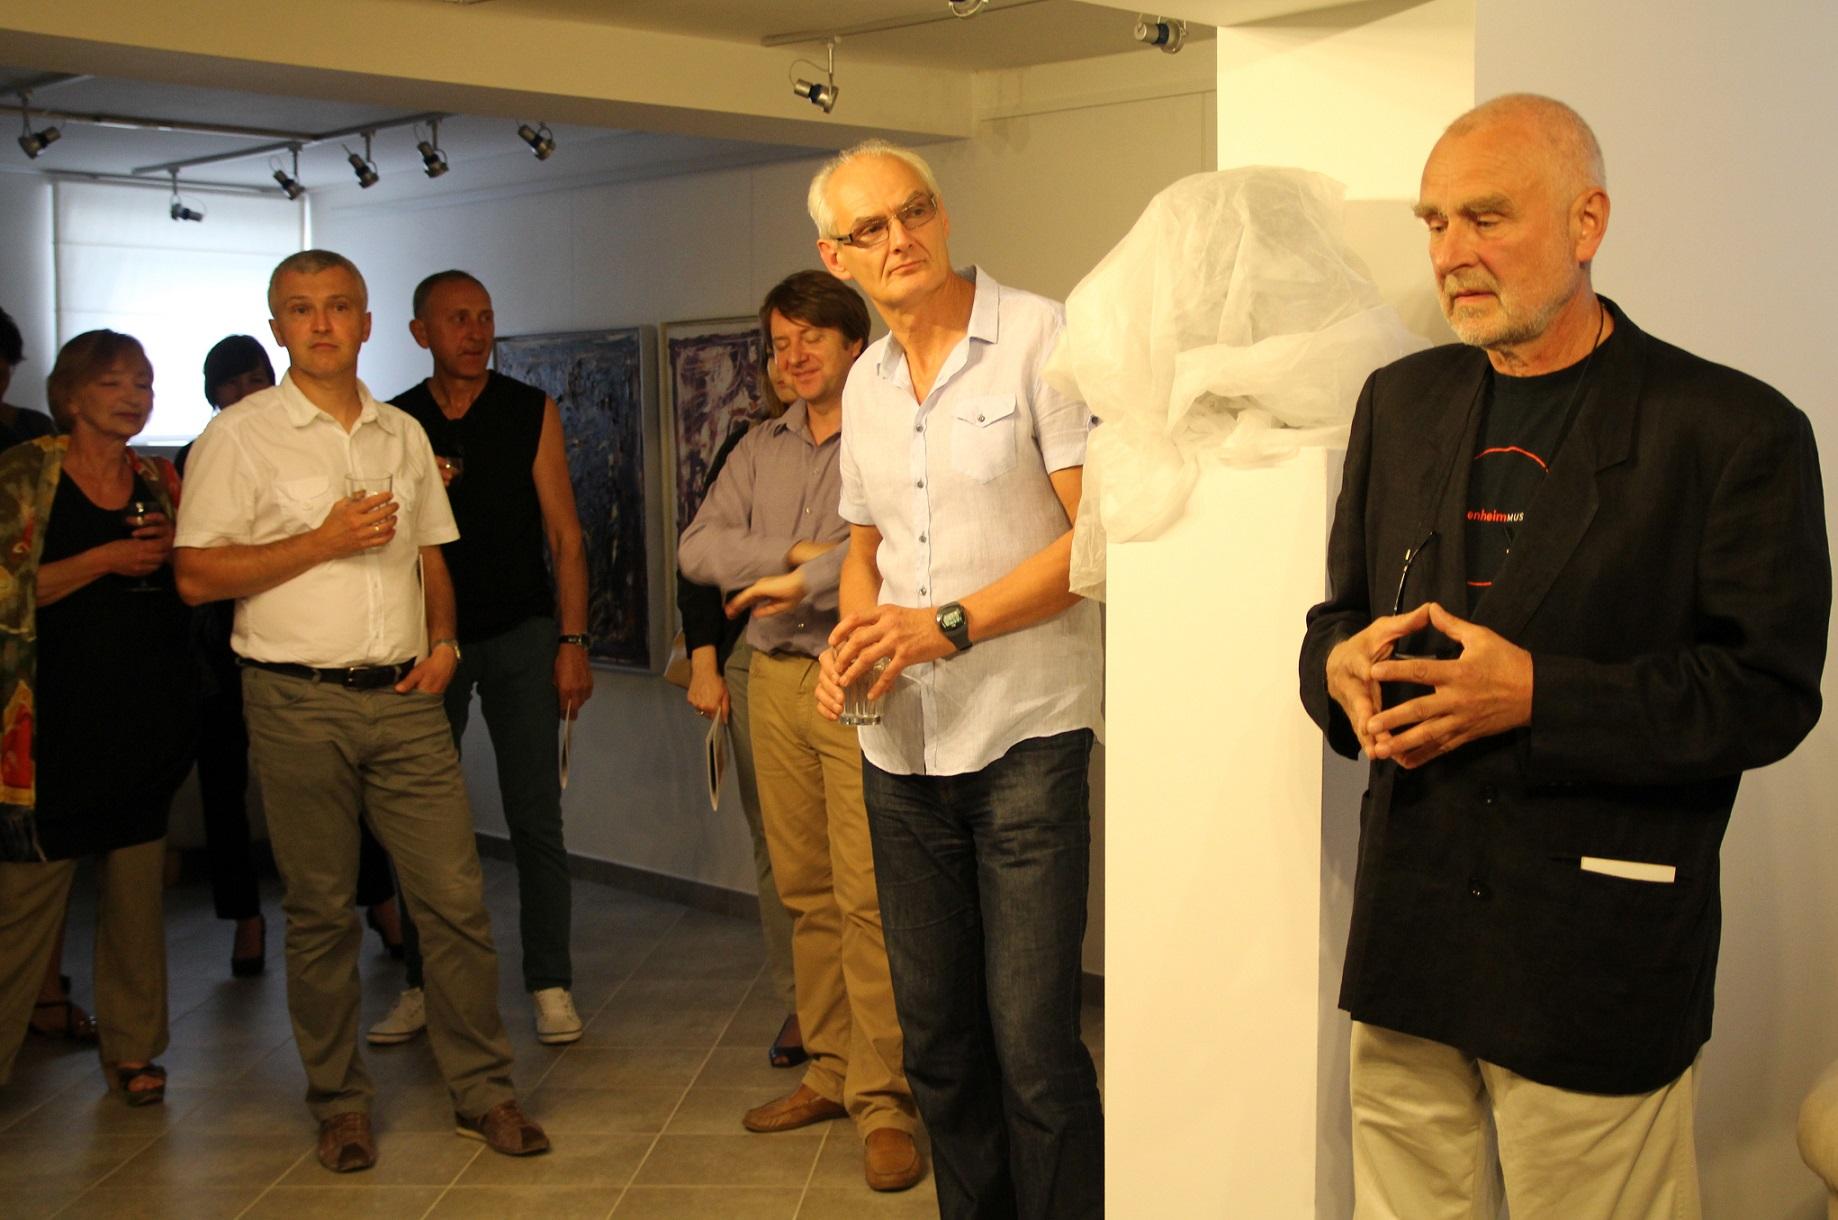 Odsłonięcie popiersia Jacka Sempolińskiego w galerii spa spot w Nałęczowie, 31 sierpnia 2013 roku.